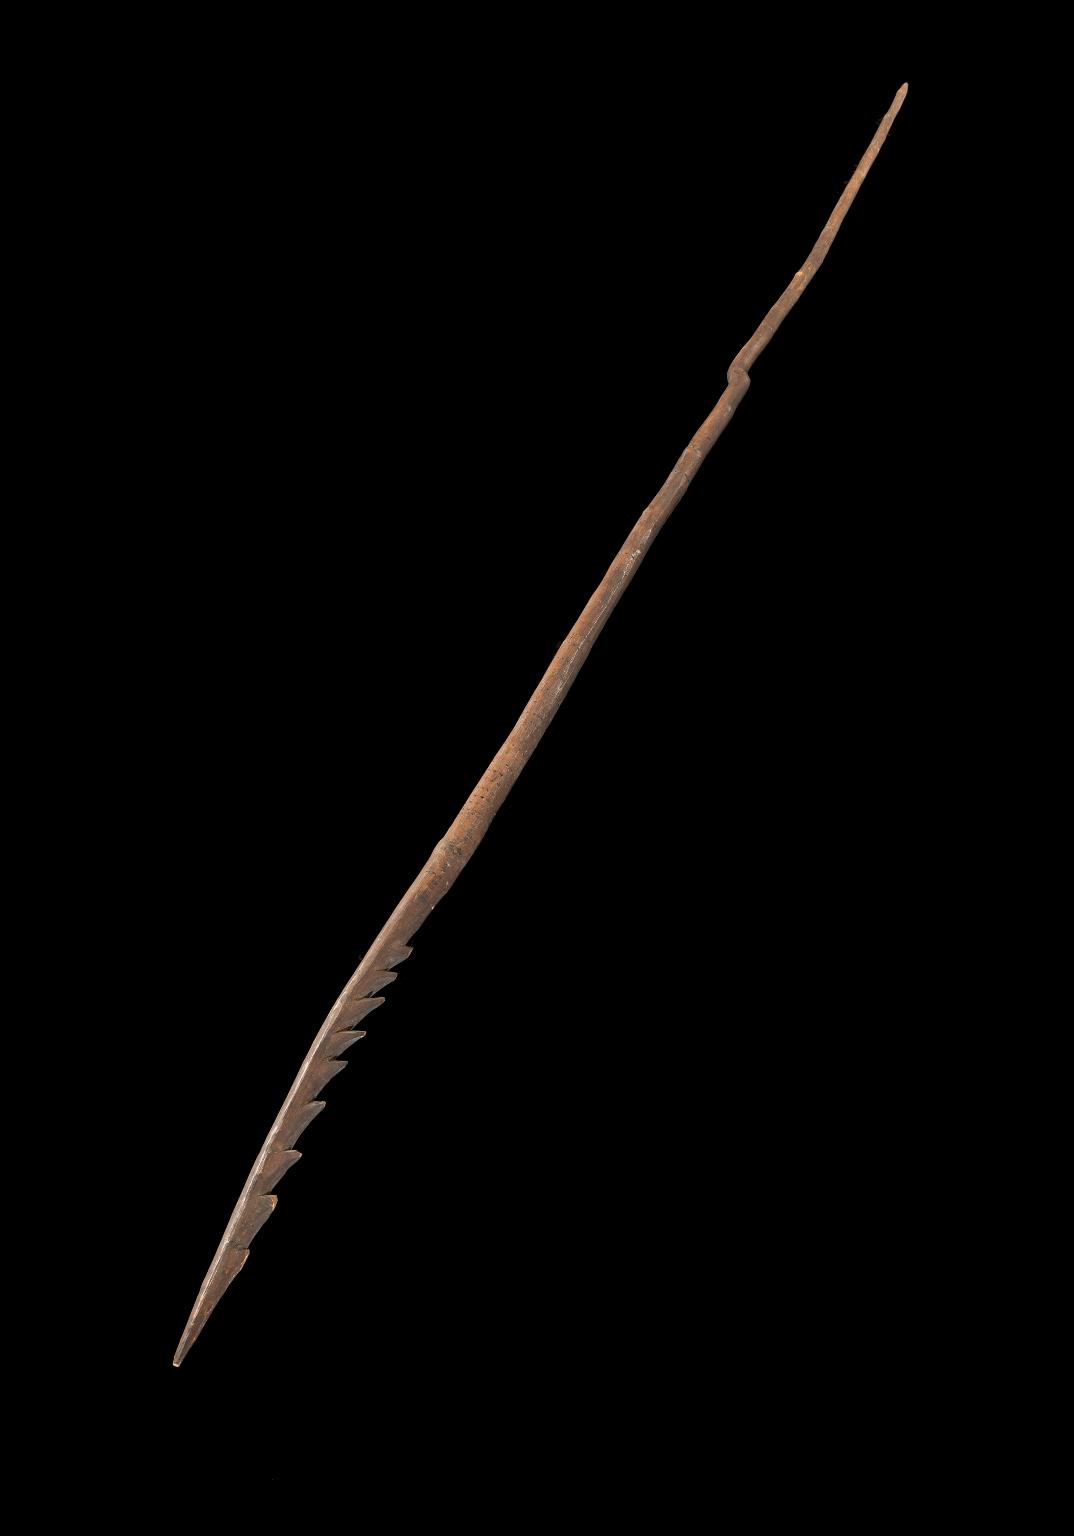 Australian Spear